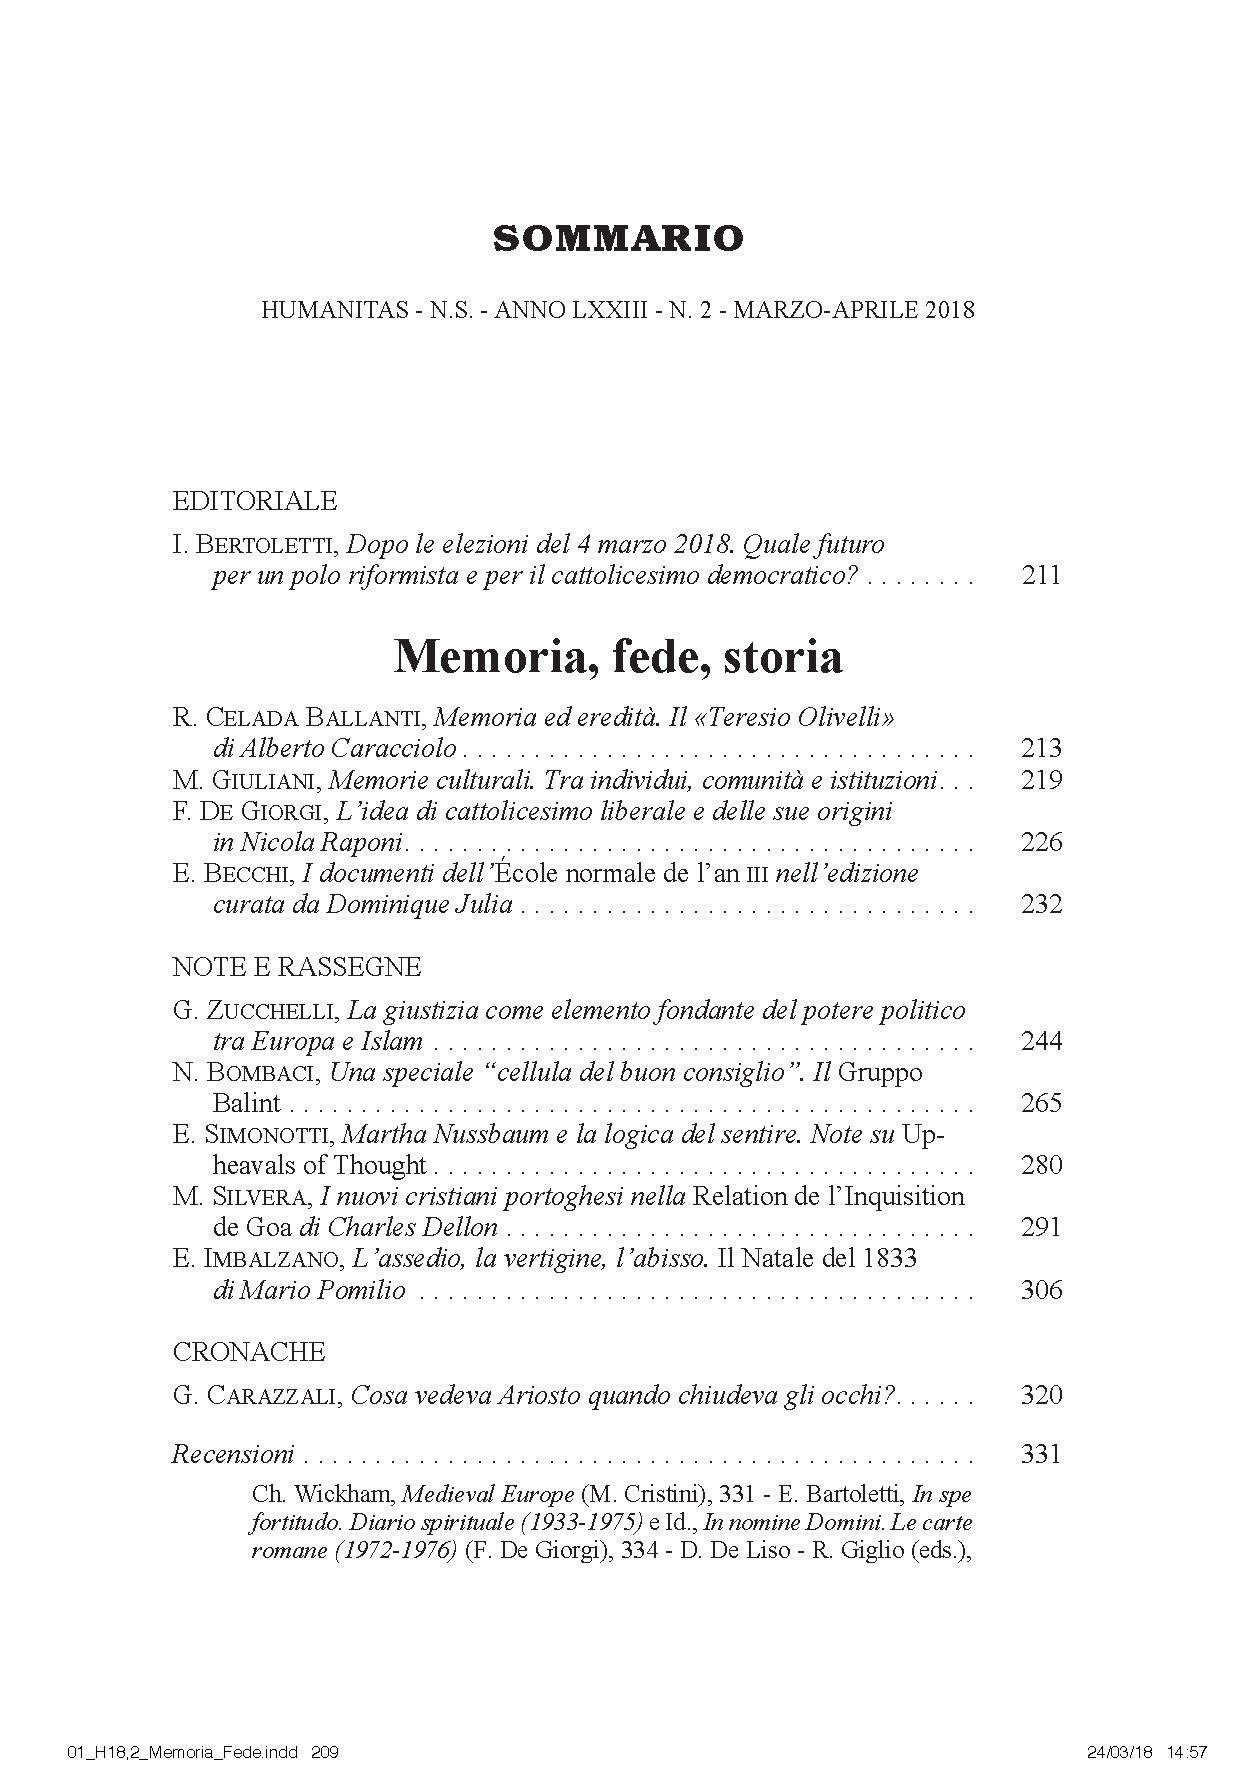 Sommario01_H182_Memoria_Fede_Pagina_1.jp